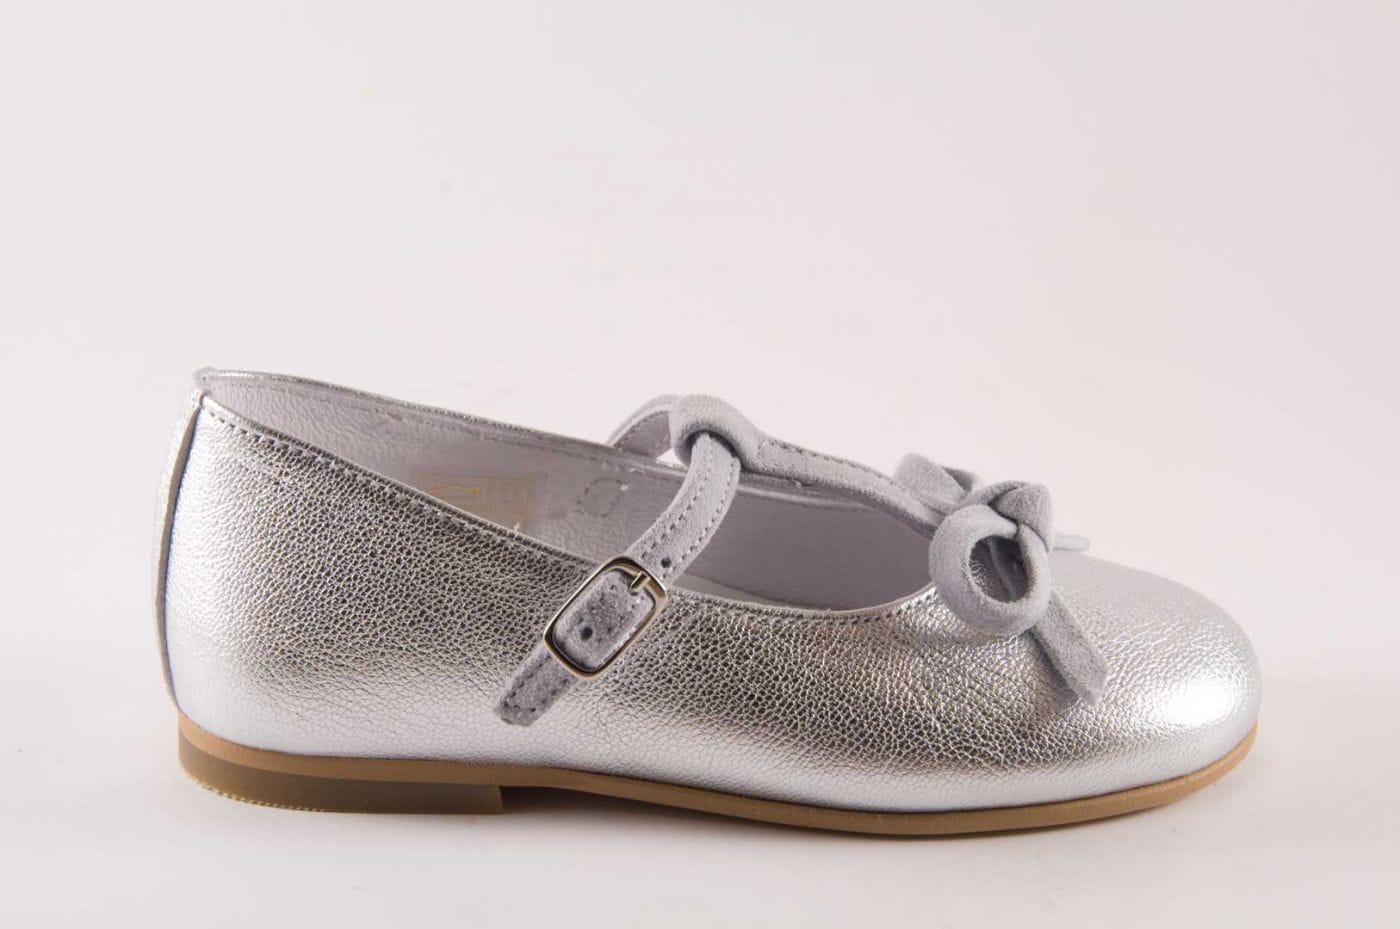 f0abdc620d Comprar zapato tipo JOVEN NIÑA estilo MERCEDES COLOR PLATA ...